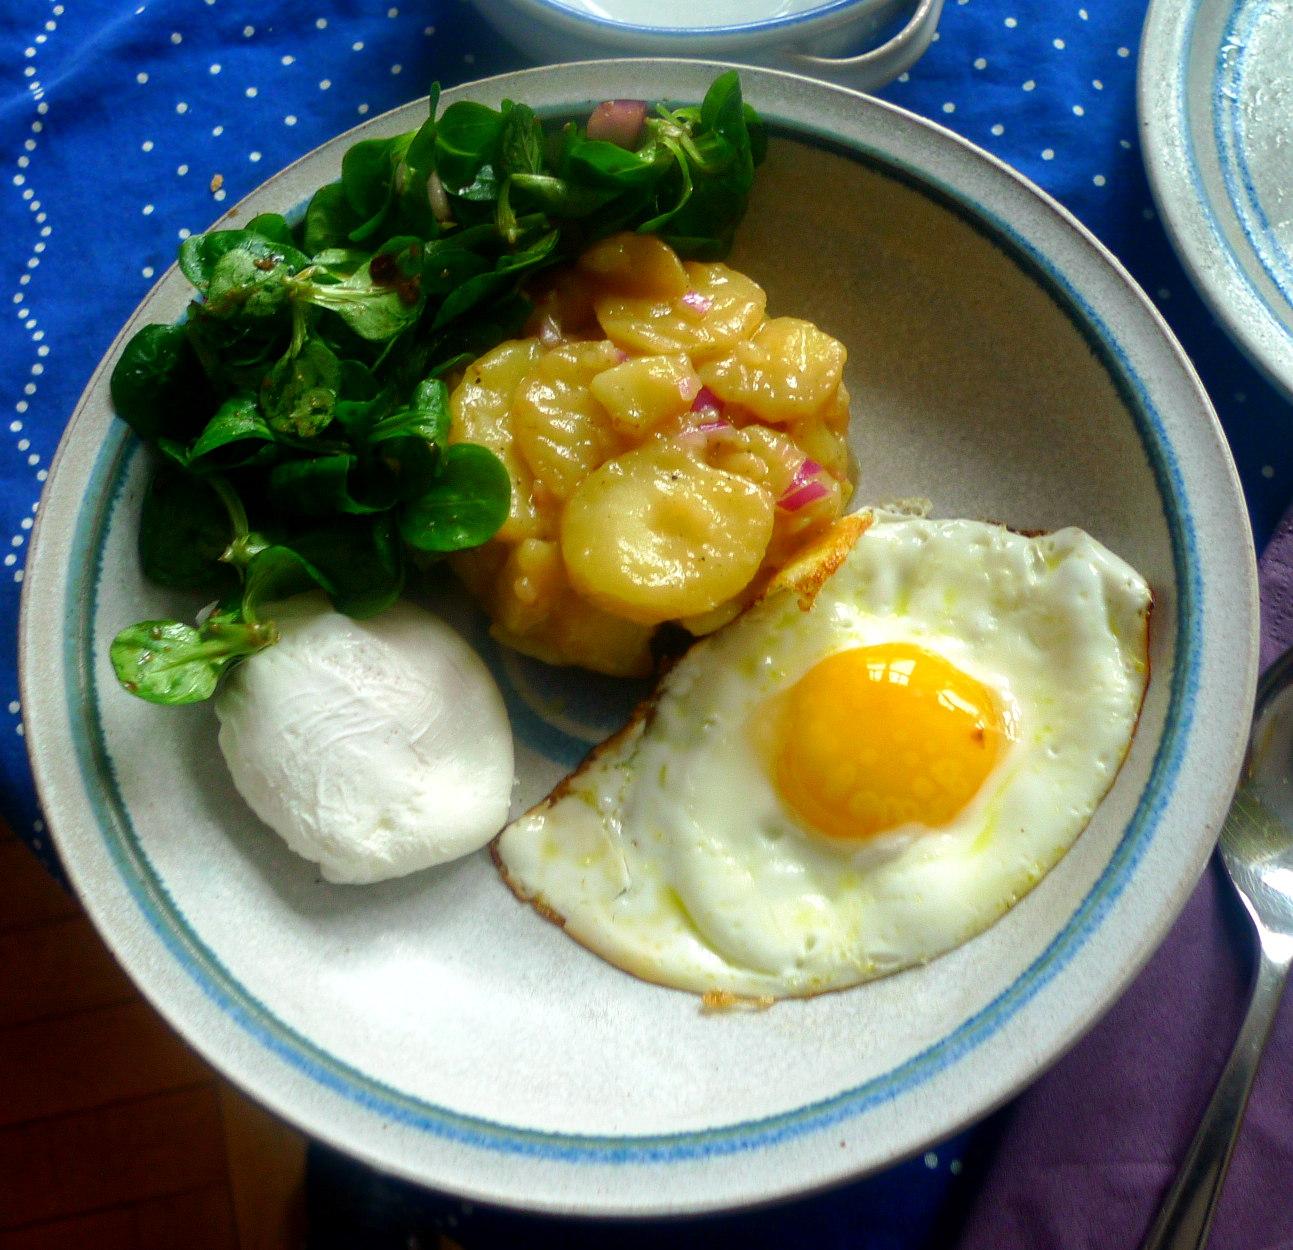 schwabischer-kartoffelsalatfeldsalatpochiertes-eispiegeleivegetarisch-17